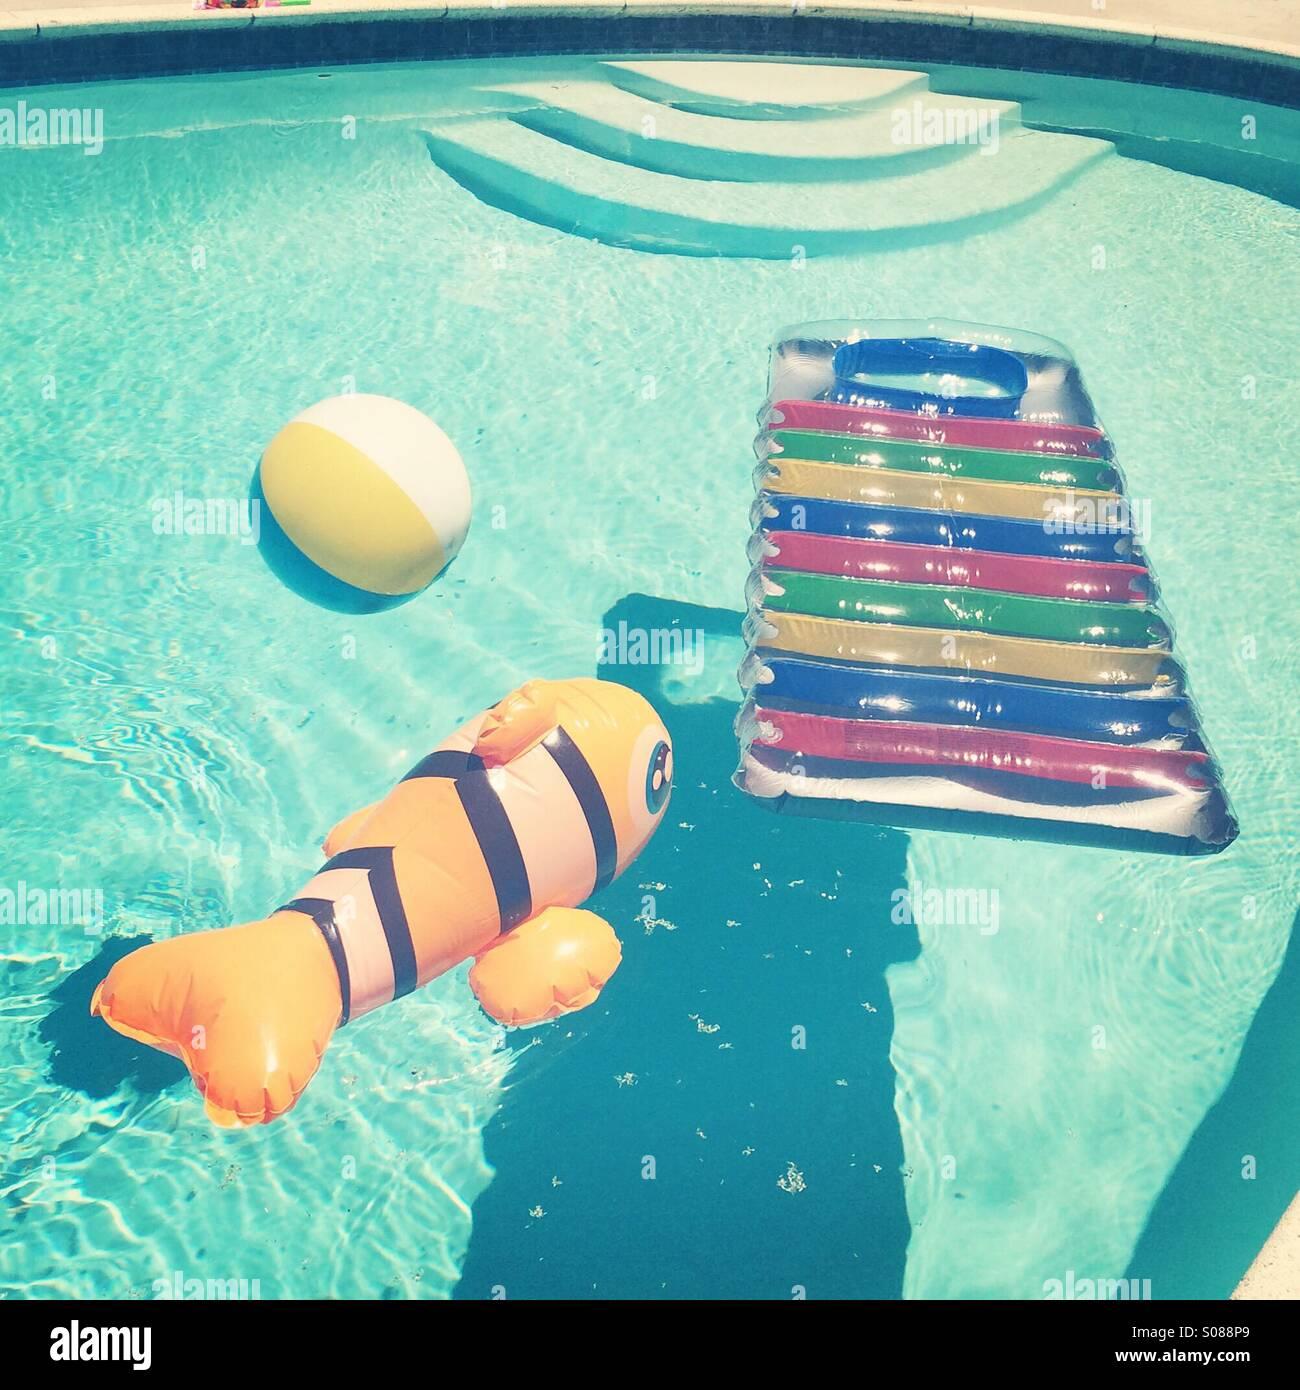 Pool toys Stock Photo